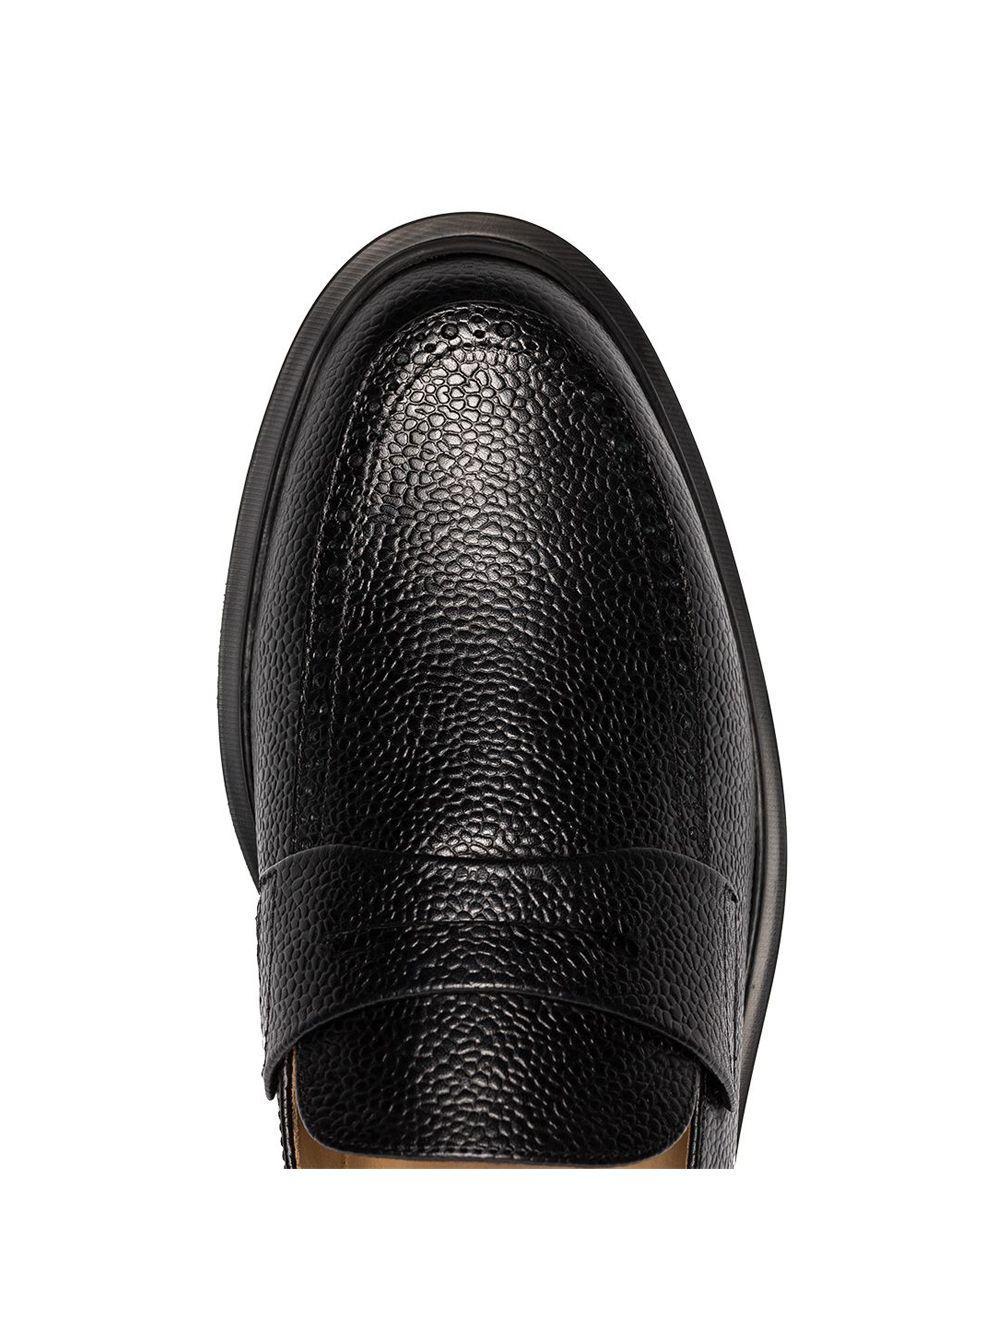 Zapatos de vestir texturizados Thom Browne de Cuero de color Negro para hombre